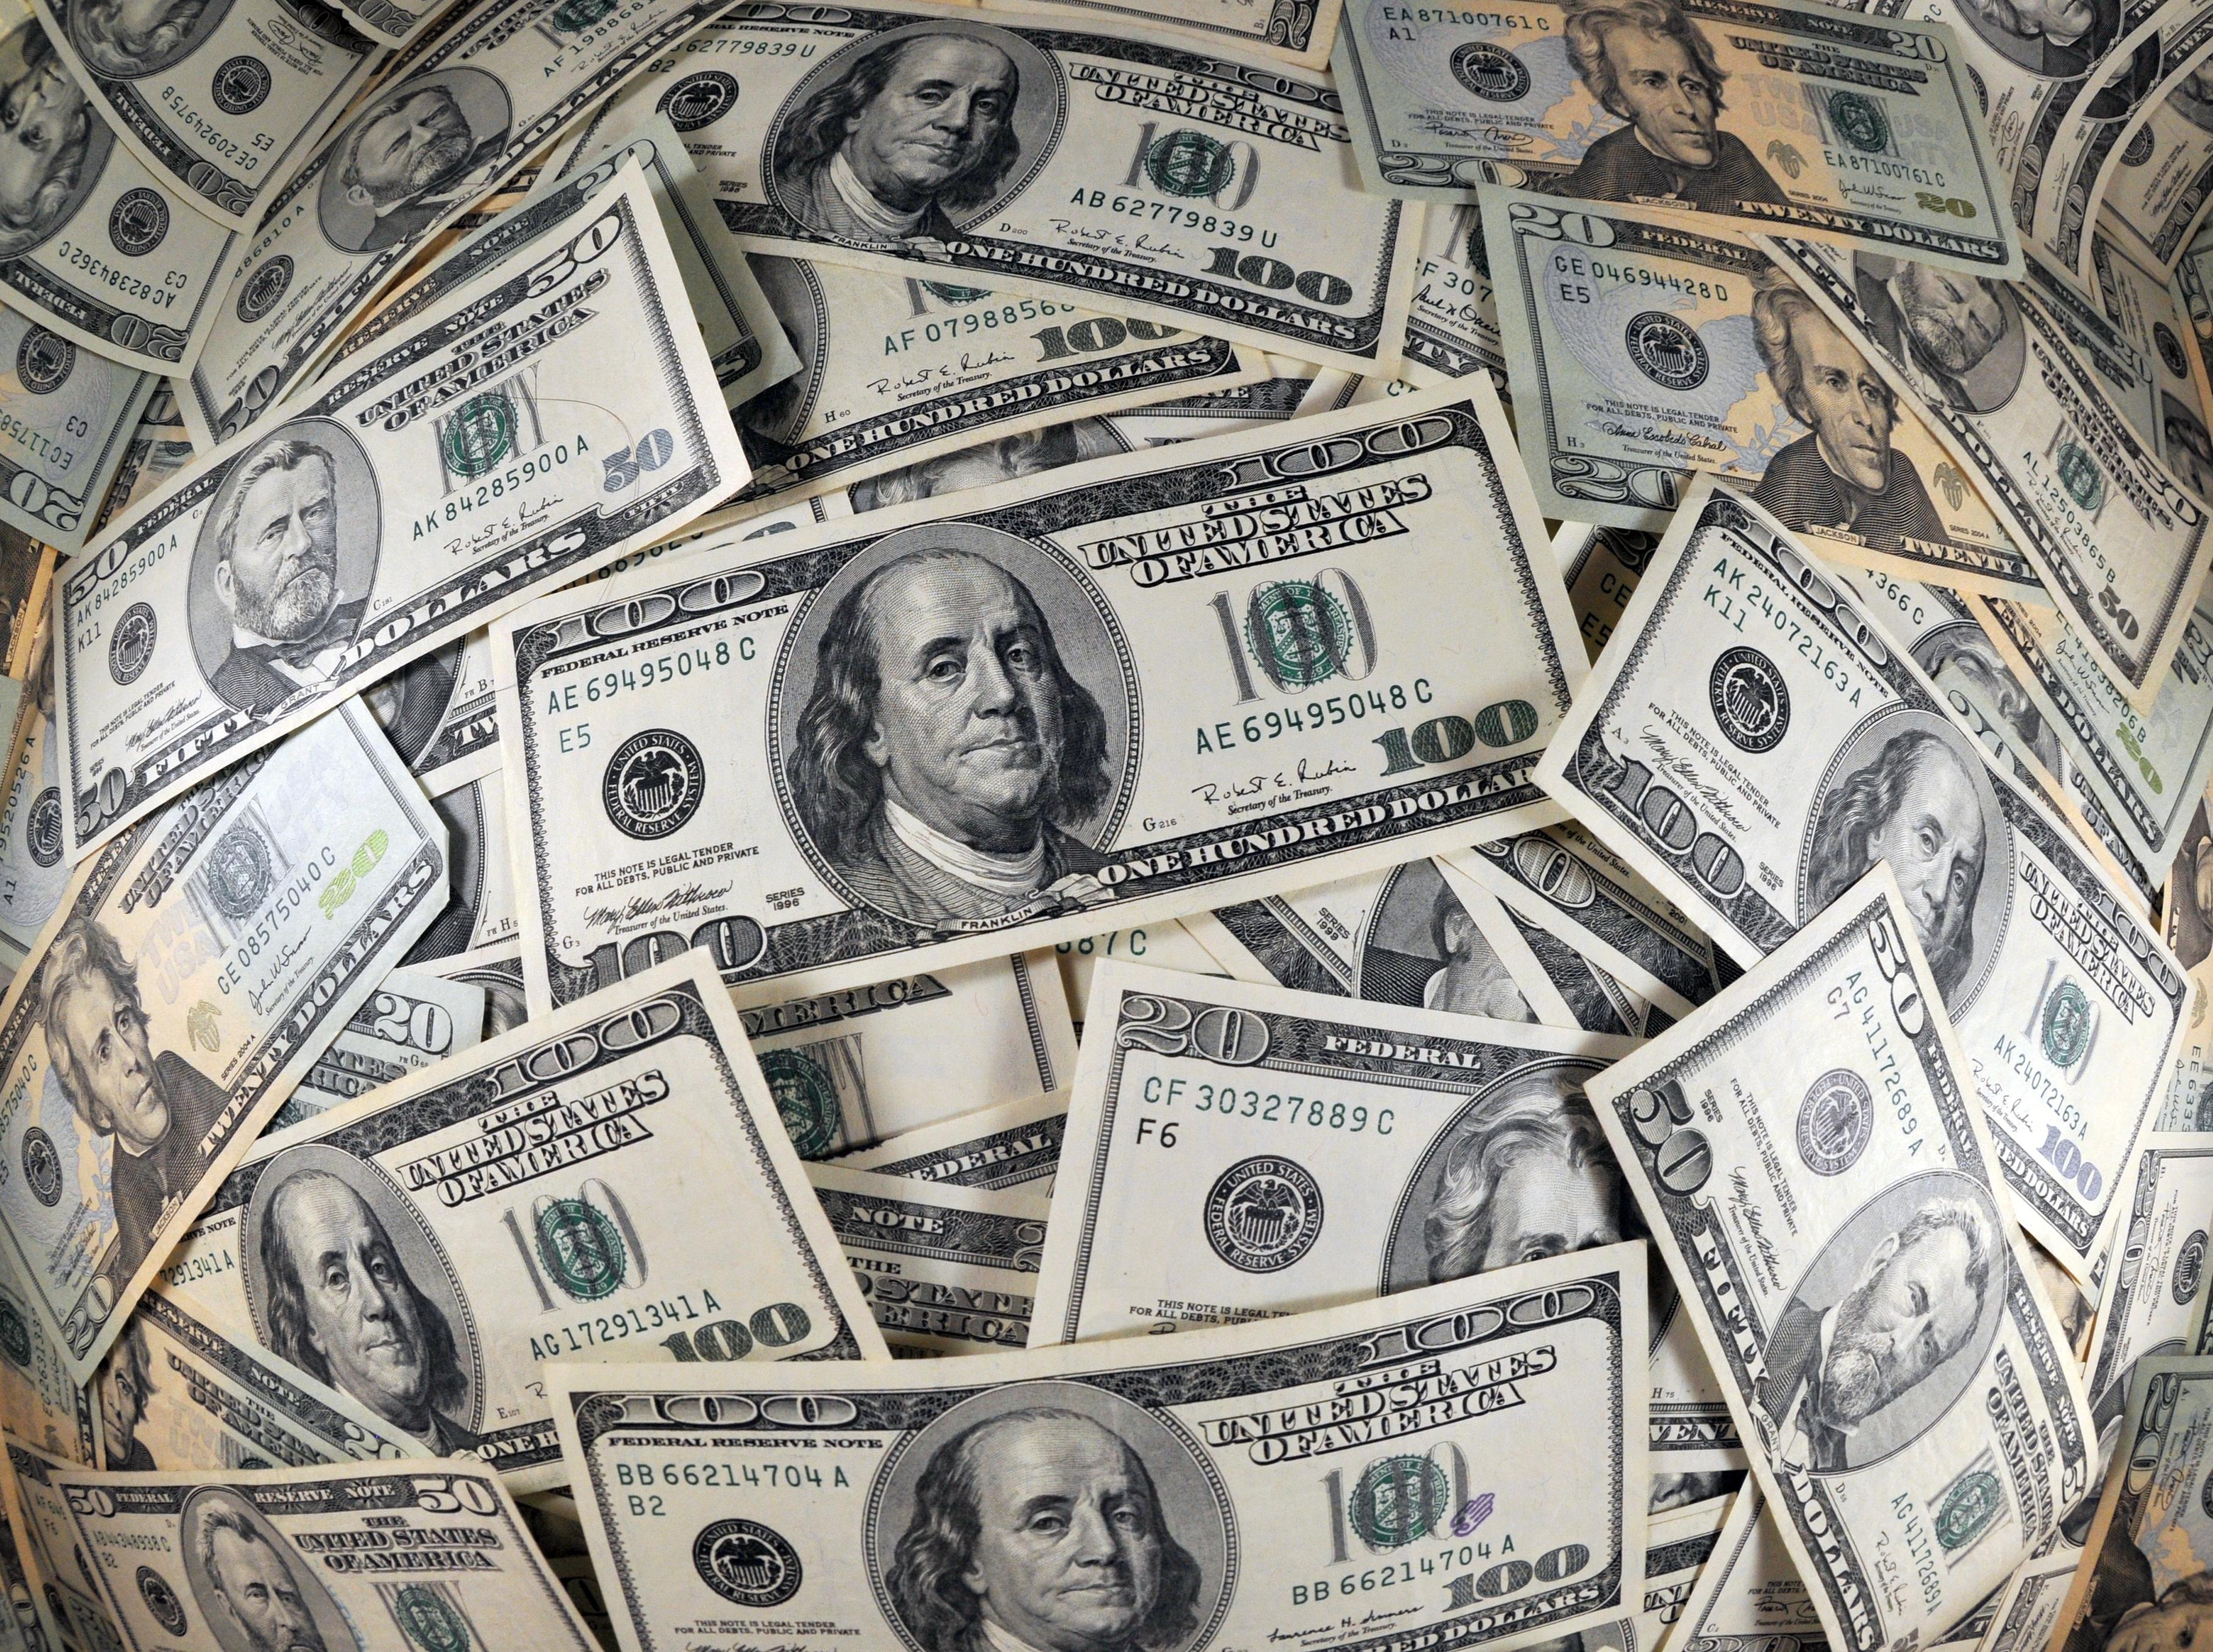 доллары картинка при складывании любую